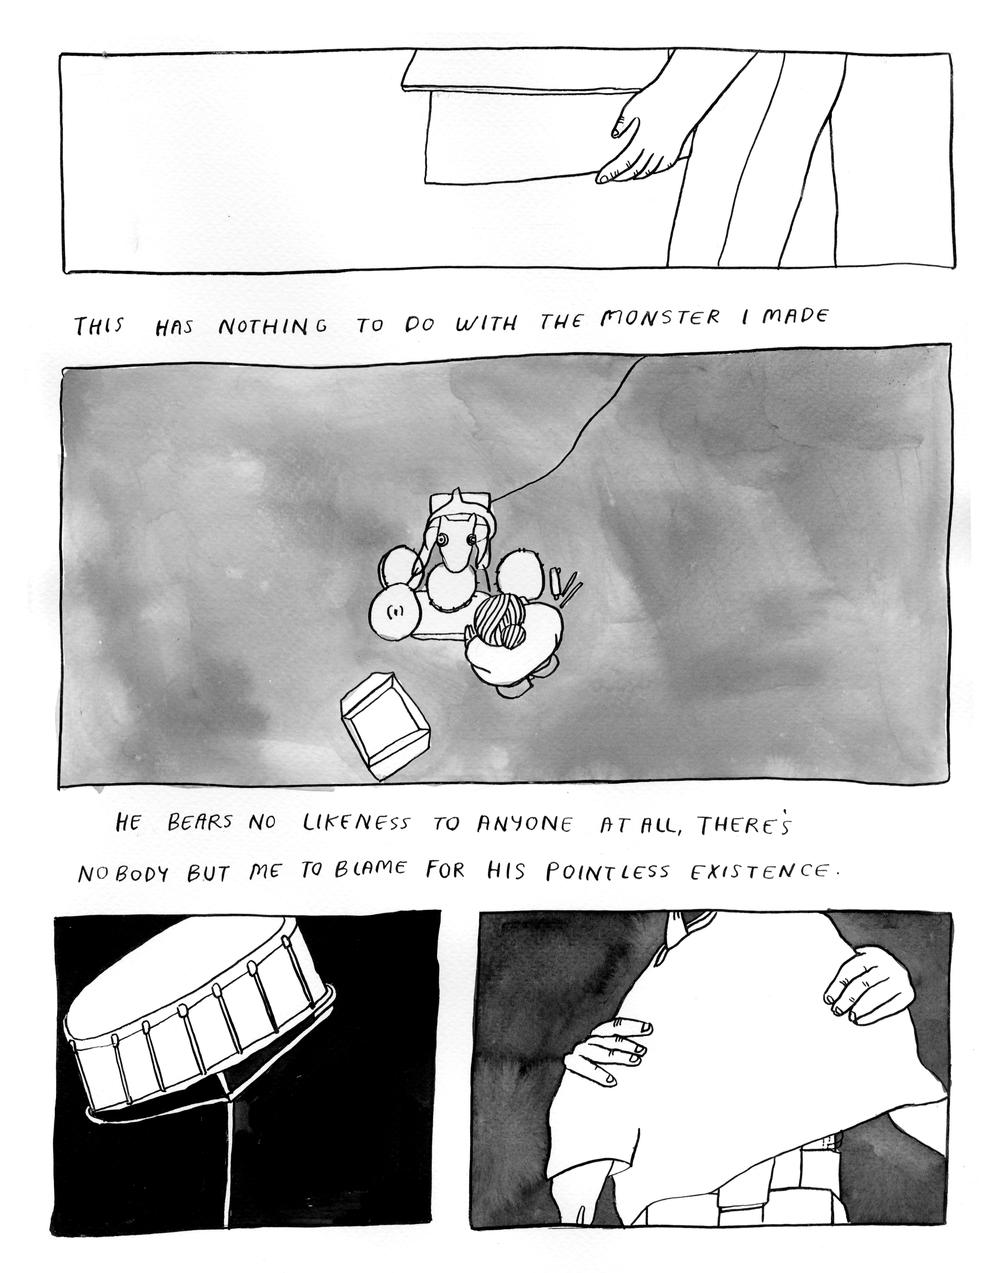 comic5.png